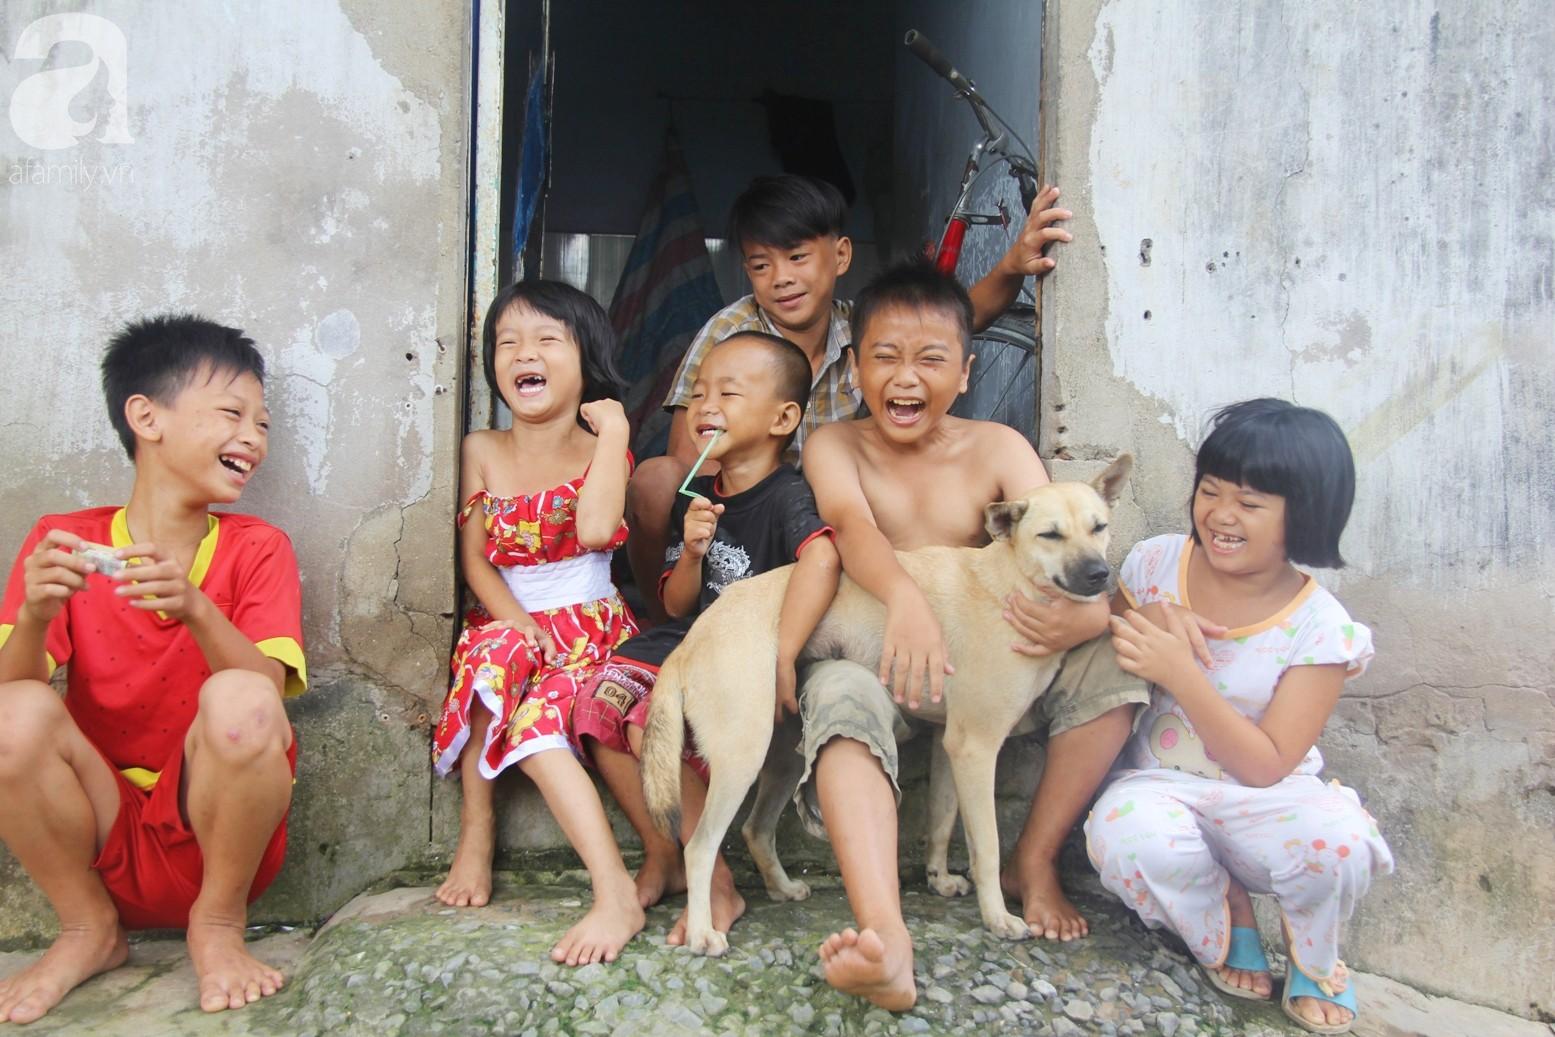 Phép màu đến với 8 đứa trẻ sống nheo nhóc bên bà ngoại già bại liệt: Tụi con ăn cơm với cá thịt và sắp được đến trường - Ảnh 1.